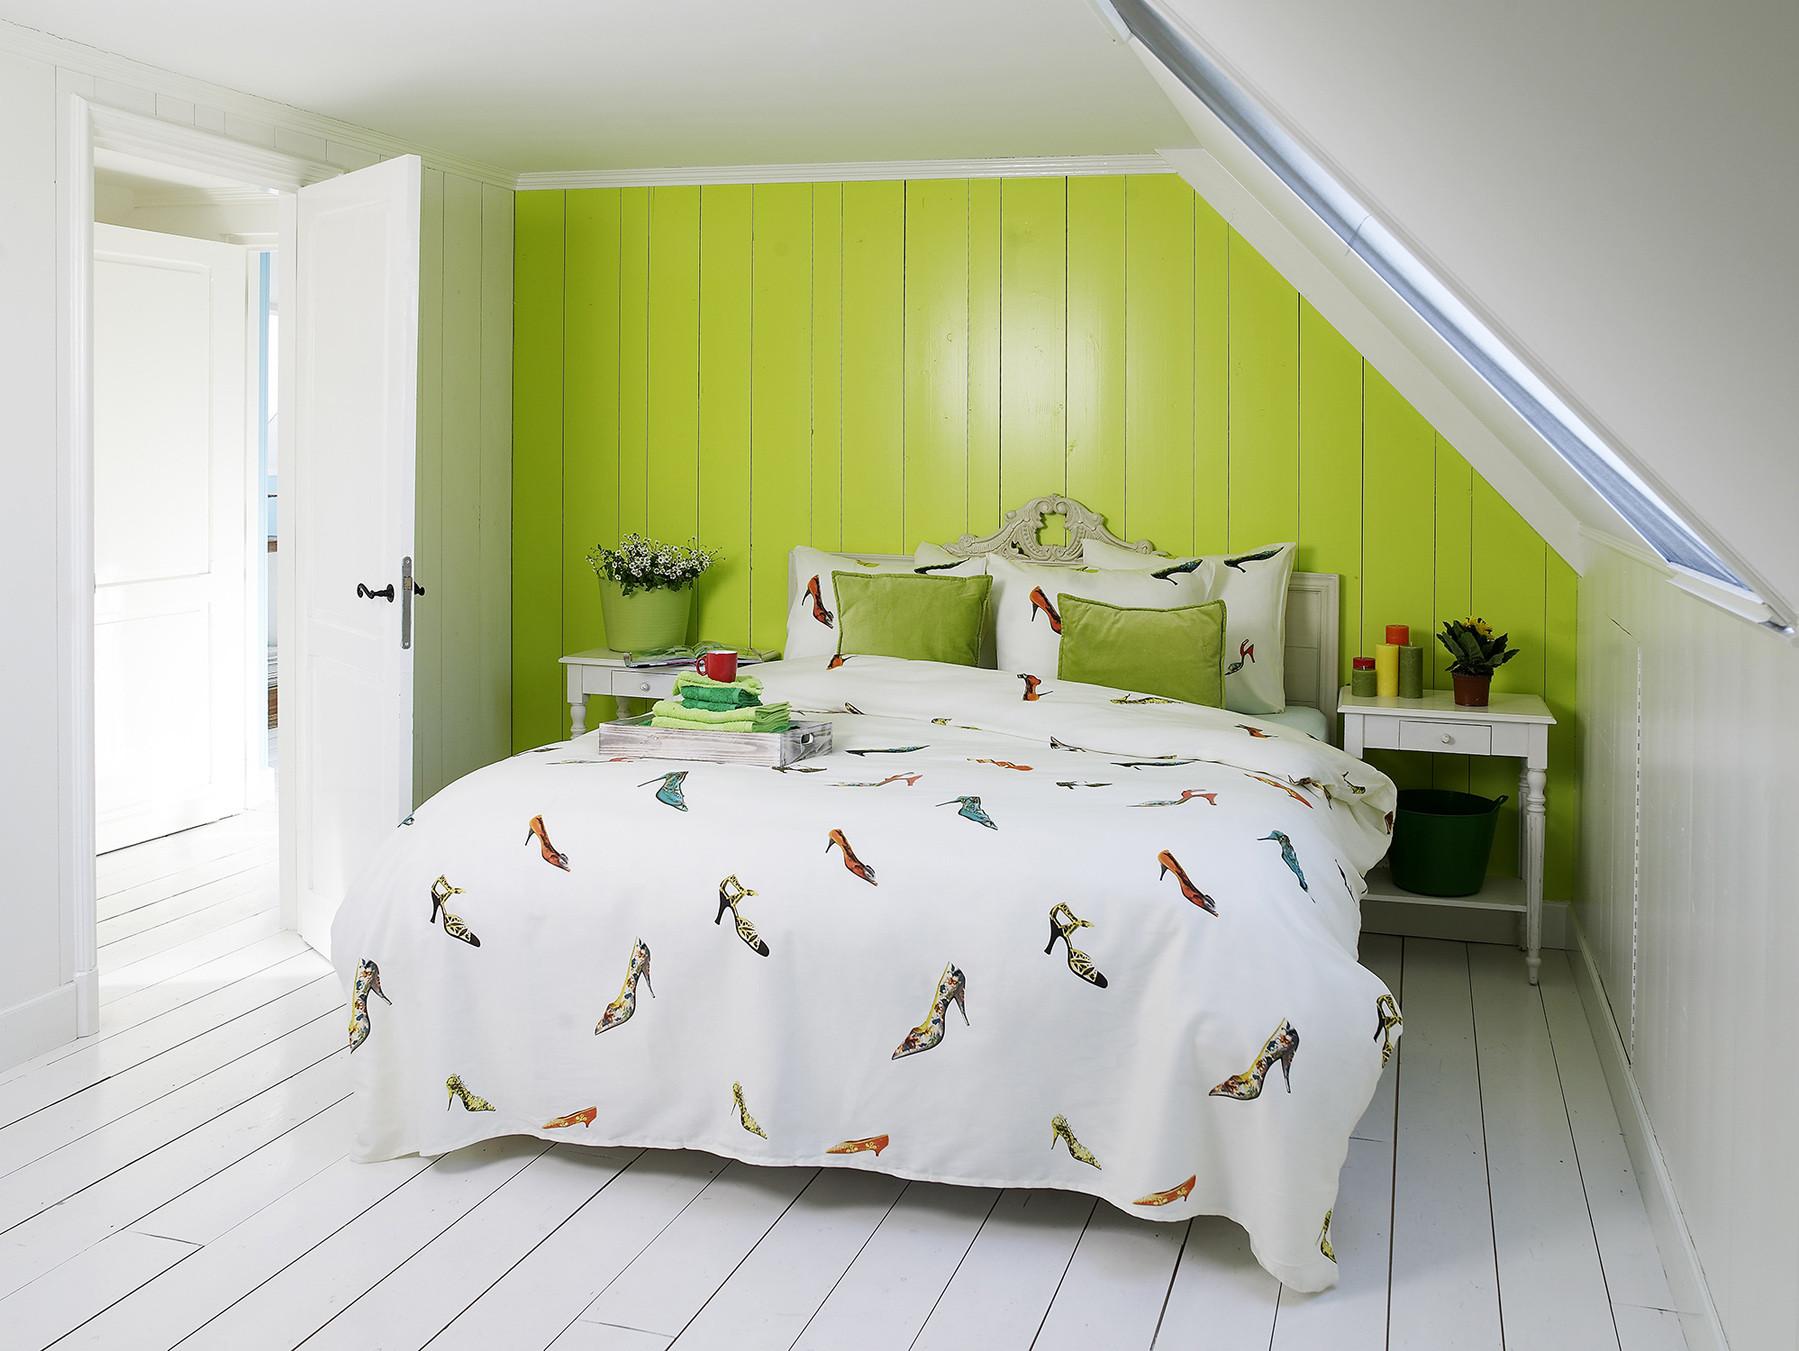 hnl refined satin bettw sche susan schuhe 100 baumwolle 135x200 80x80 cm in ecru bunt. Black Bedroom Furniture Sets. Home Design Ideas